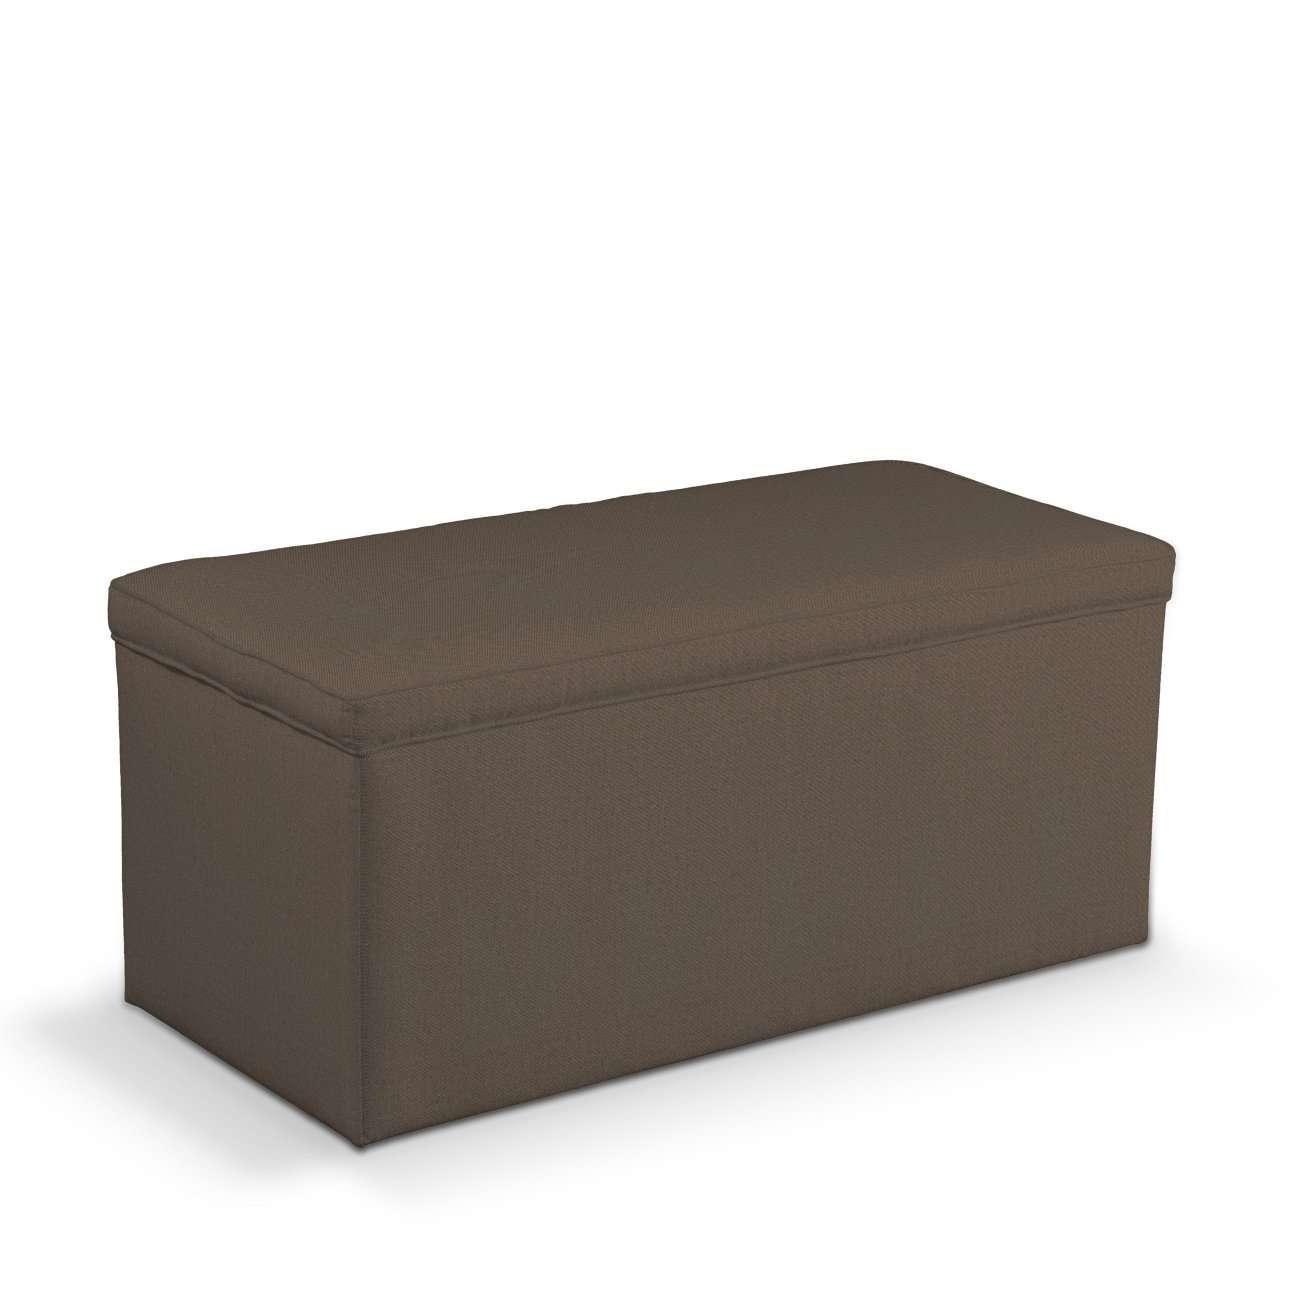 Truhe, braun, 120 x 40 x 40 cm, Etna | Wohnzimmer > Truhen | Dekoria